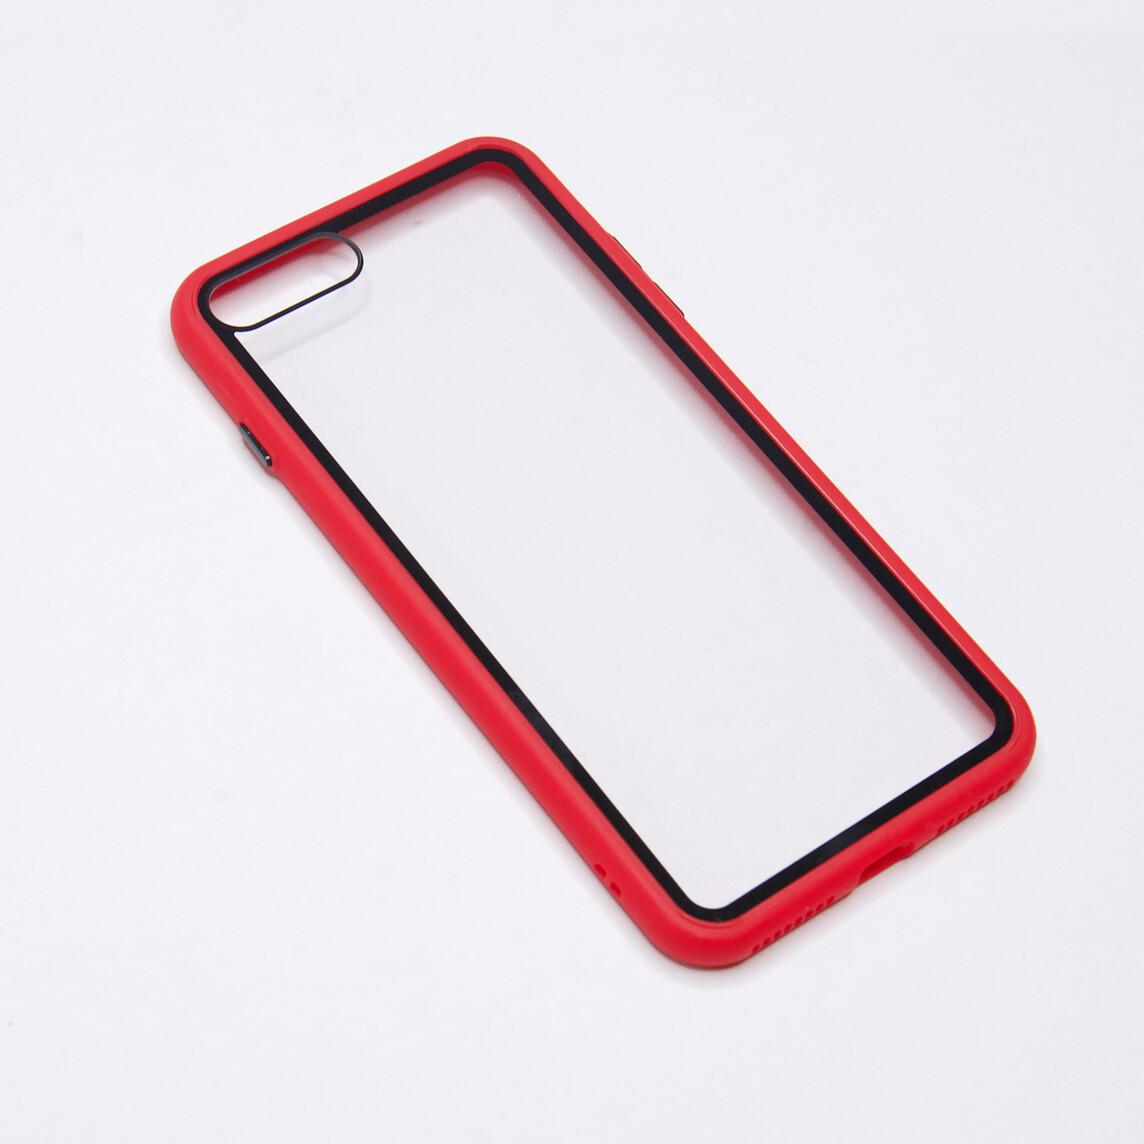 Estuche EL REY Marco De Color Rojo Y Parte De Atras Transparente - Iphone 7 /8 Plus